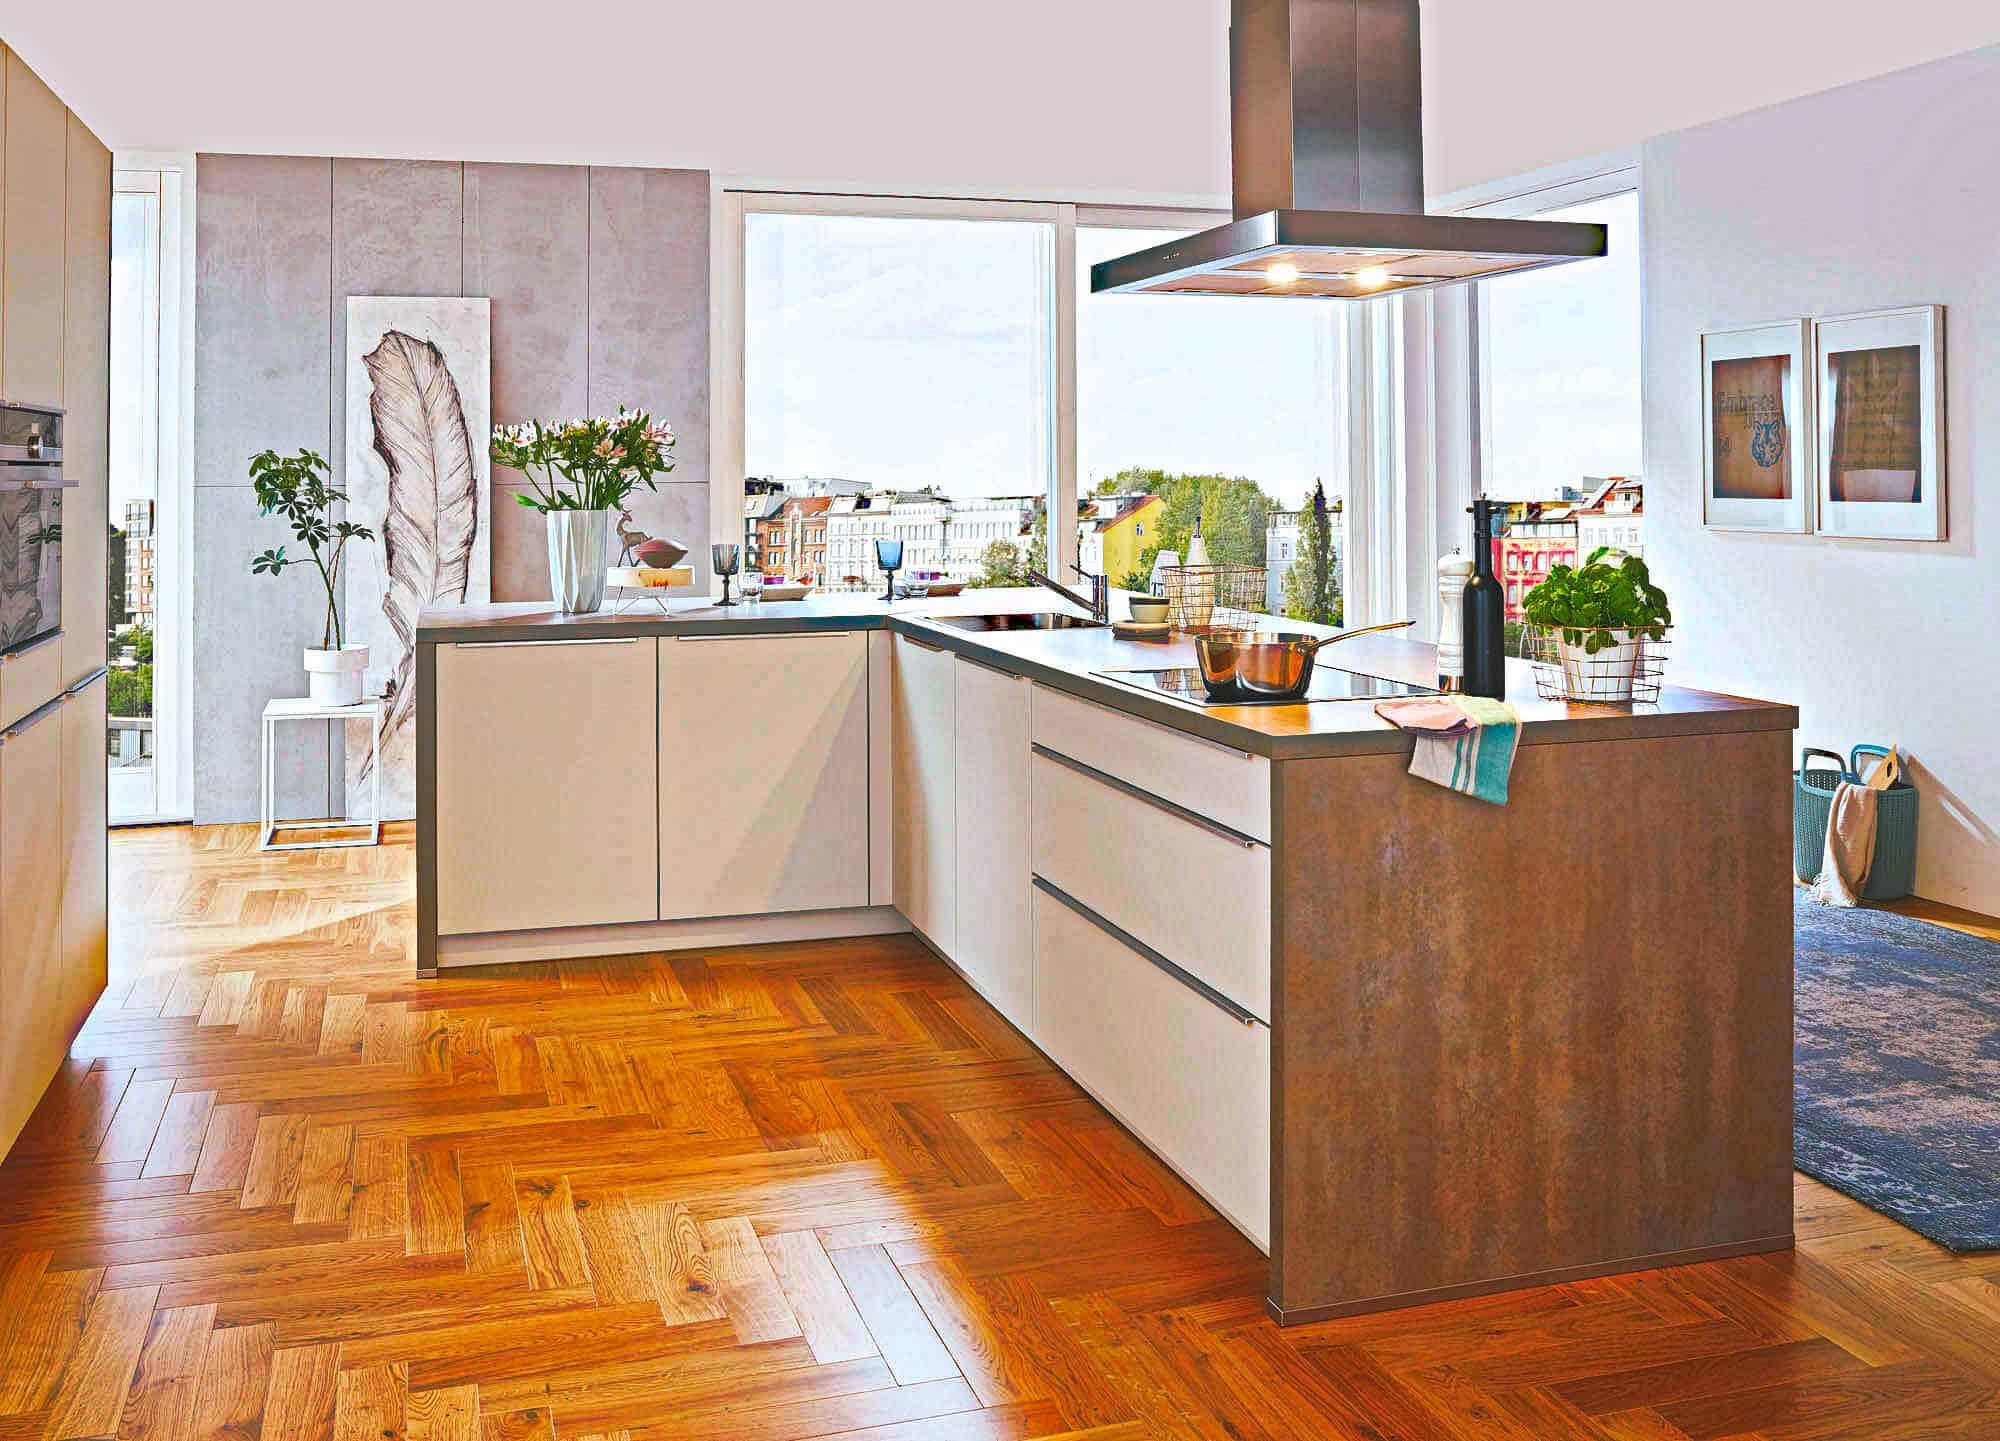 Industrial Style Küchen günstig kaufen - Küchen Börse - 030 609848088